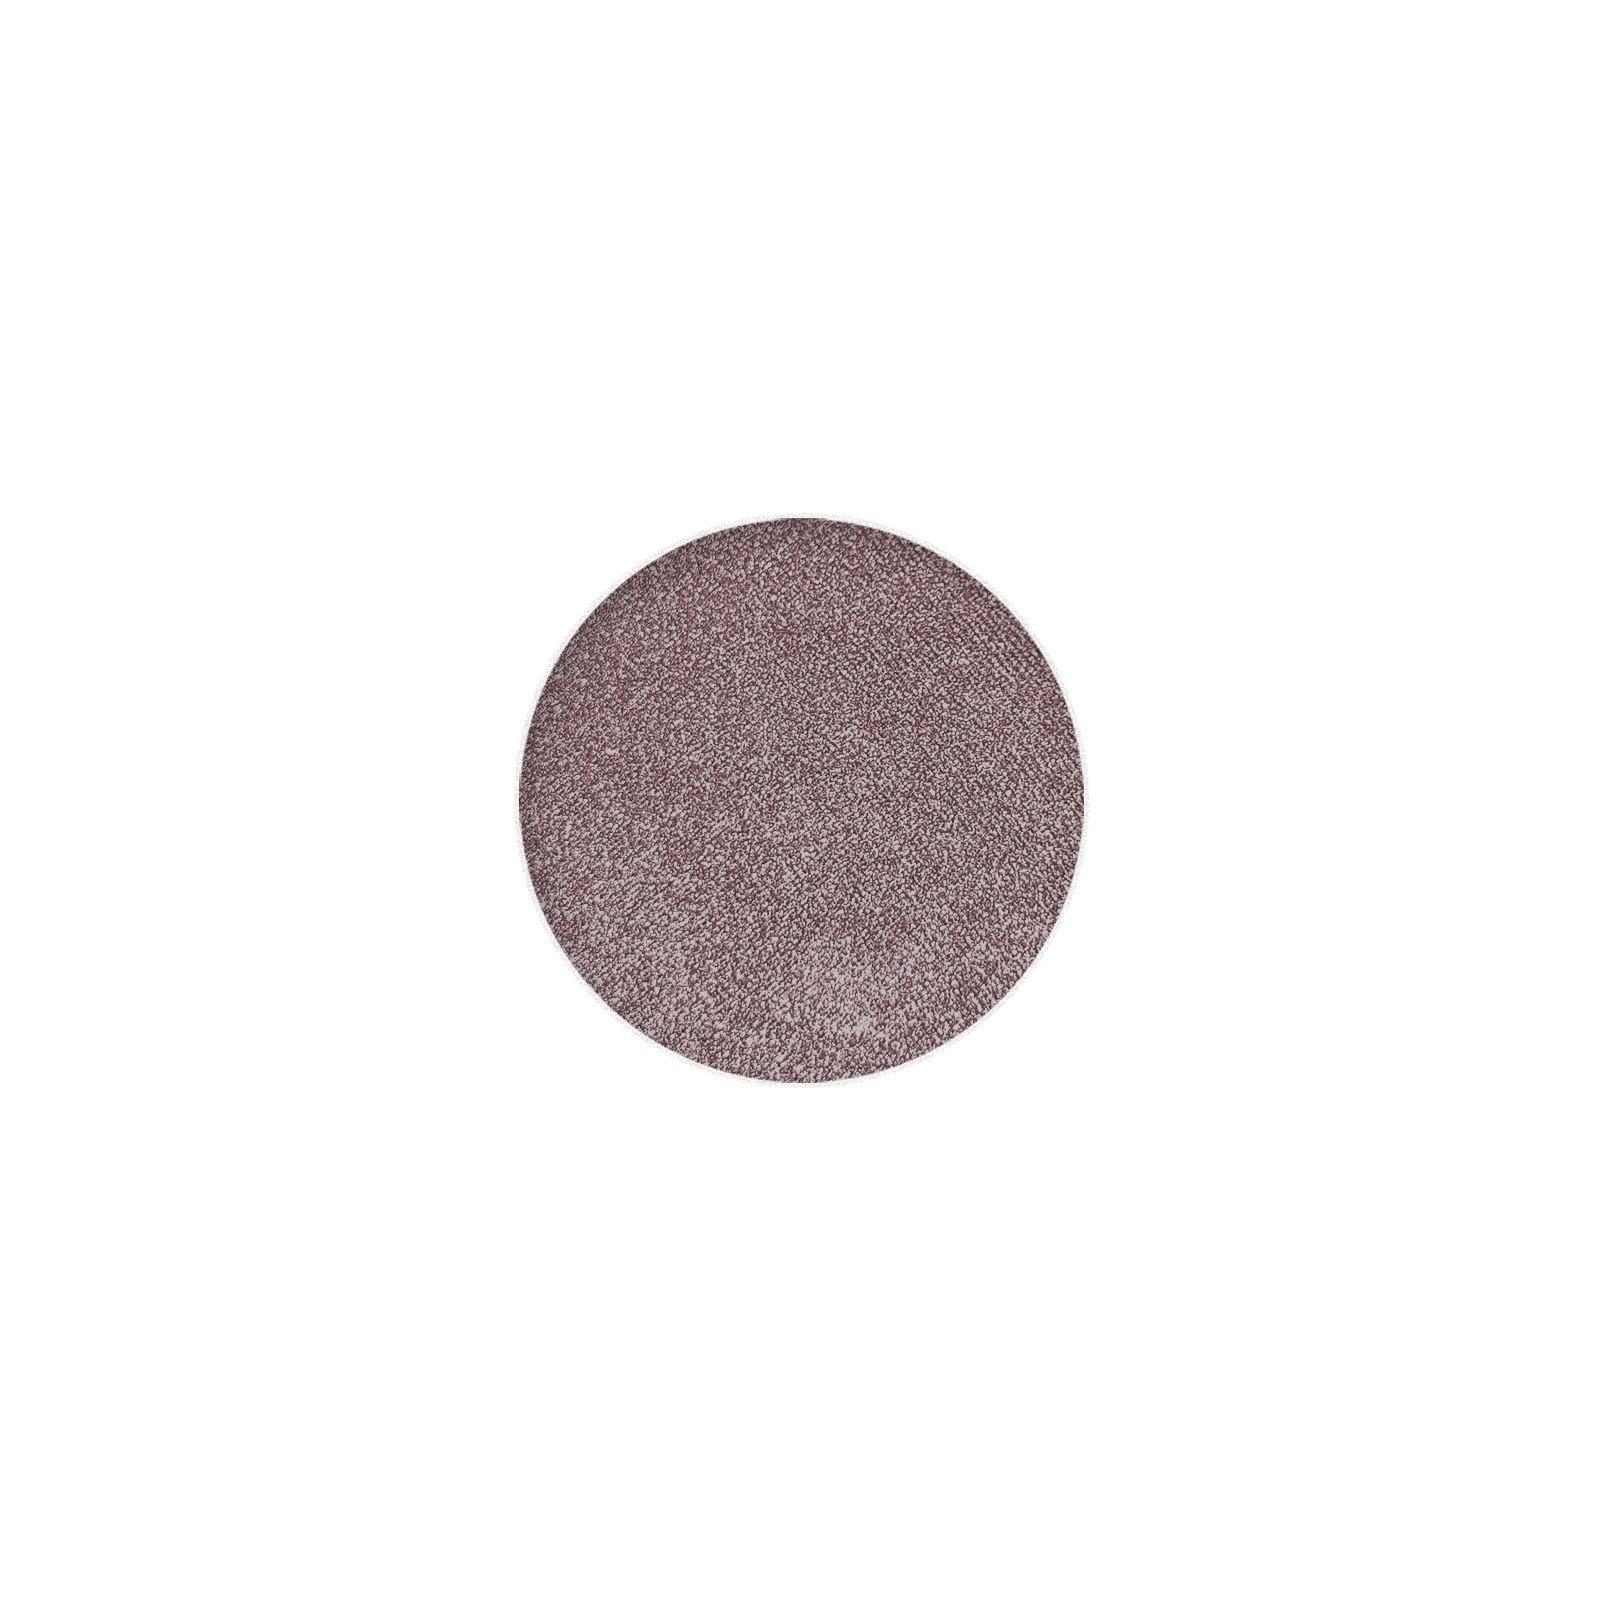 Sombra Mineral Unitária Refil 04